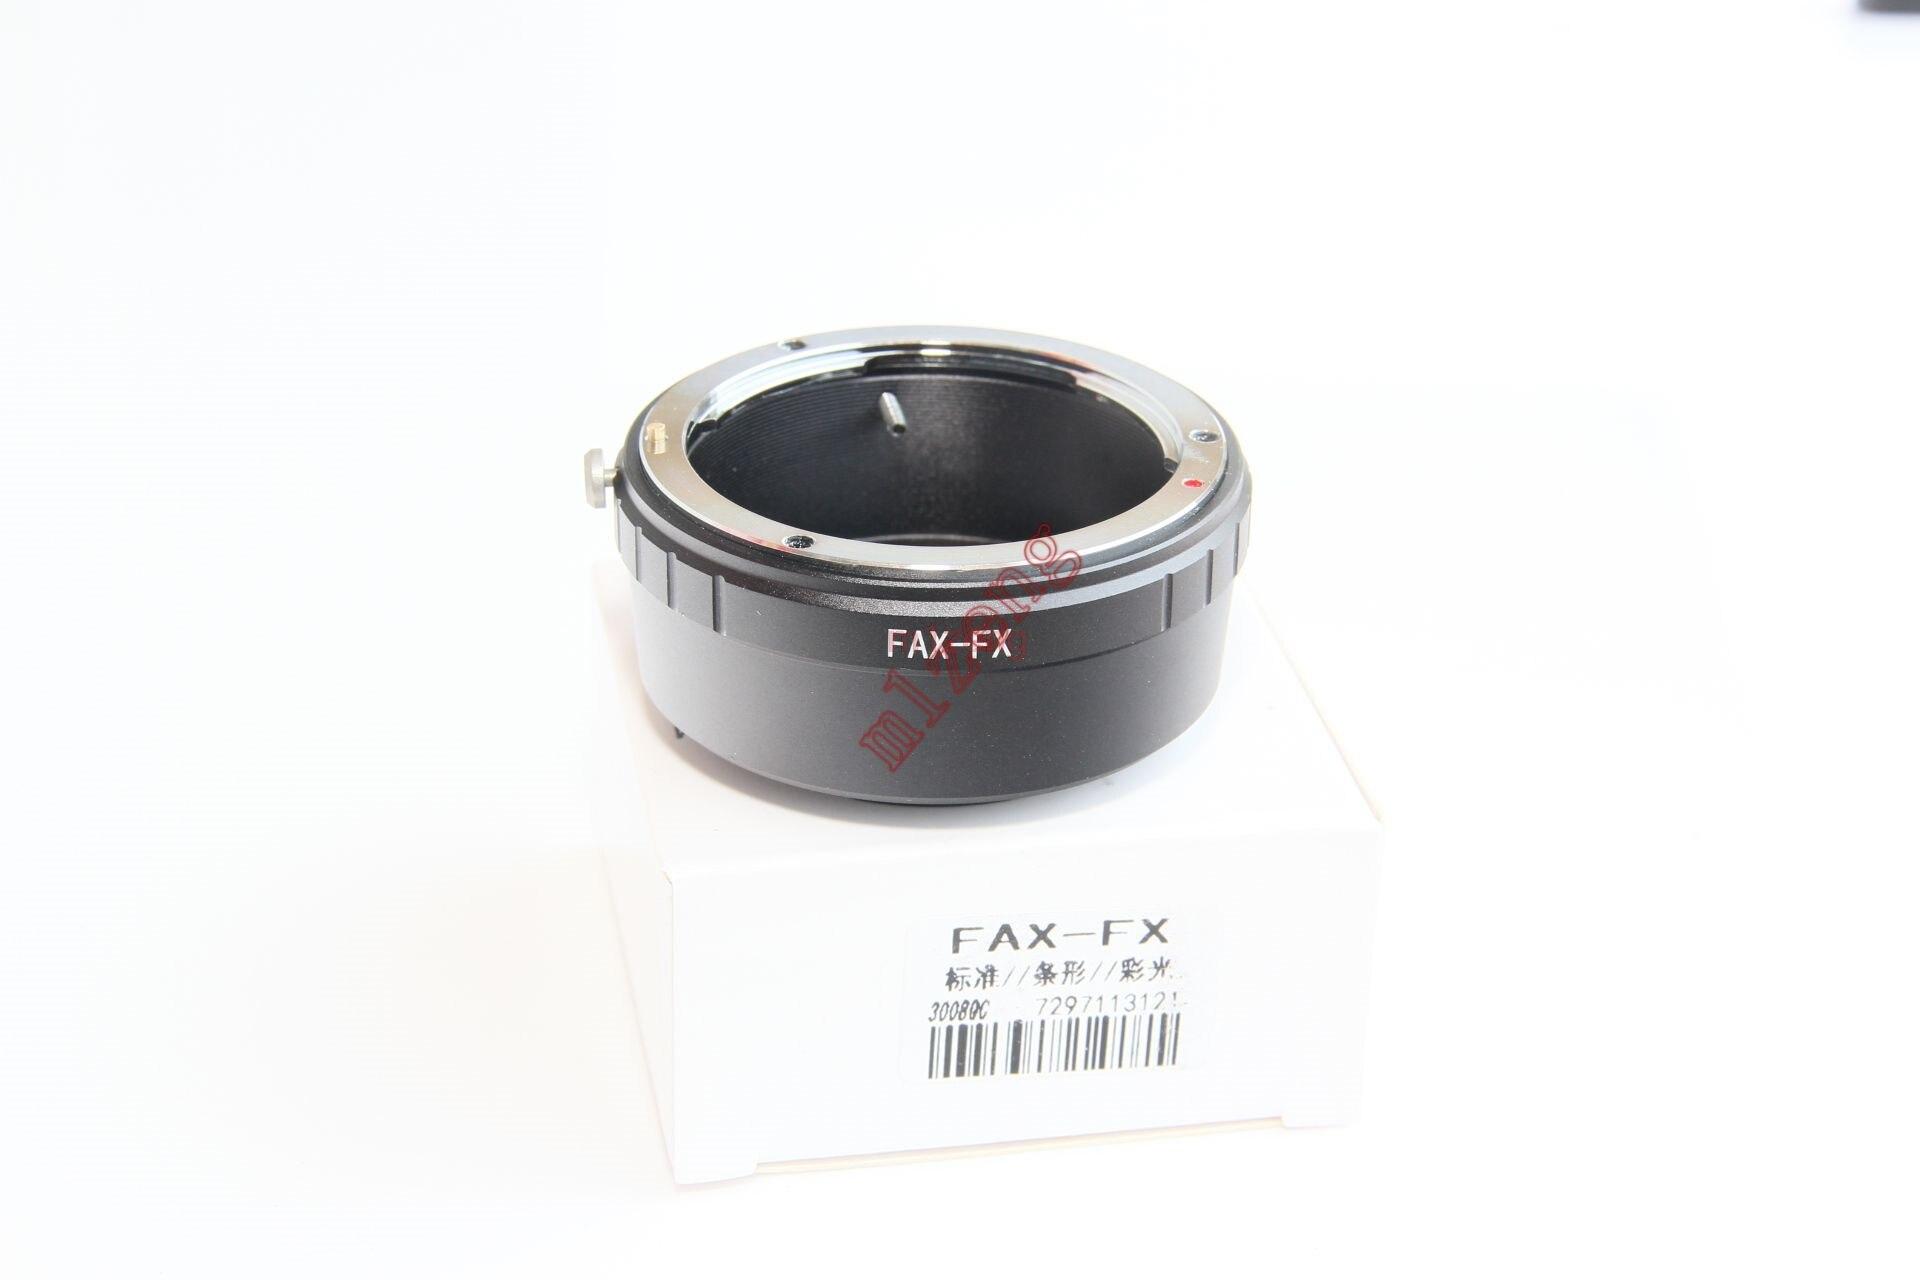 FAX fujica fx lens anello adattatore per Fujifilm fuji X E2 x x/X-E1/X-Pro1/X-M1/X-A2/A1/X-T1 xt2 xt10 xt20 xa3 xpro2 fotocamera